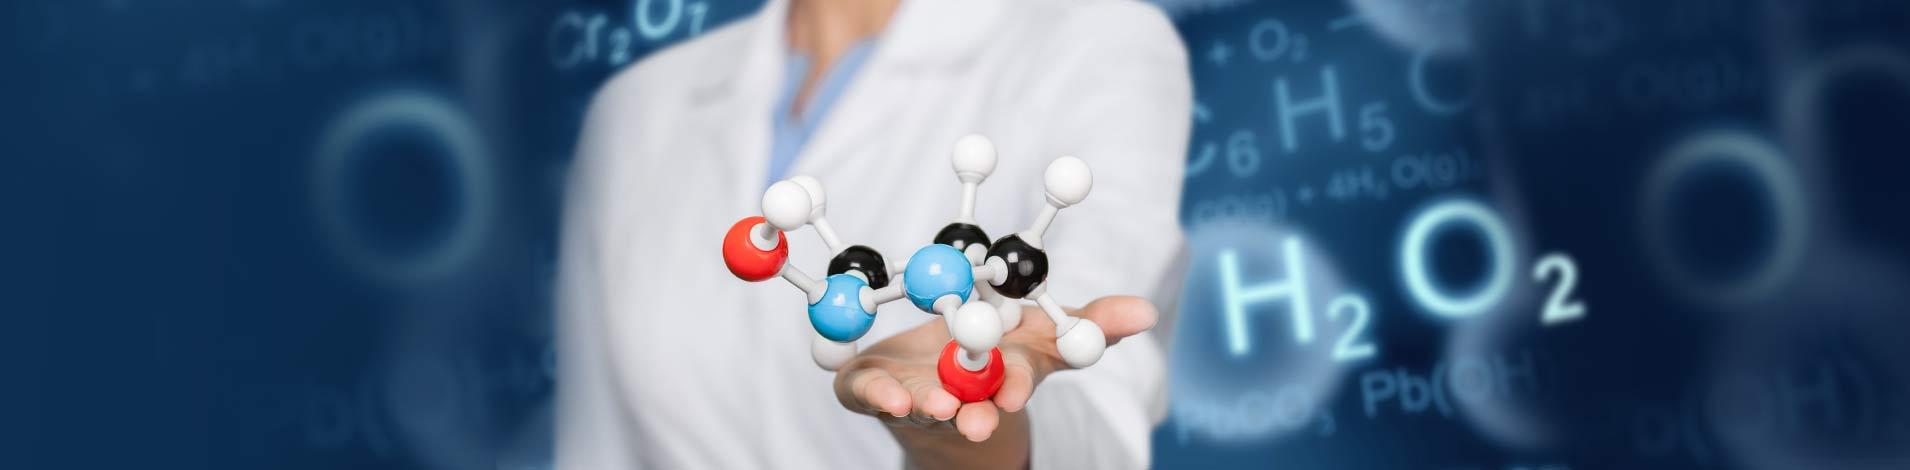 תהליך חיטוי מוגן פטנט (יבש), המבוסס על שימוש במי חמצן